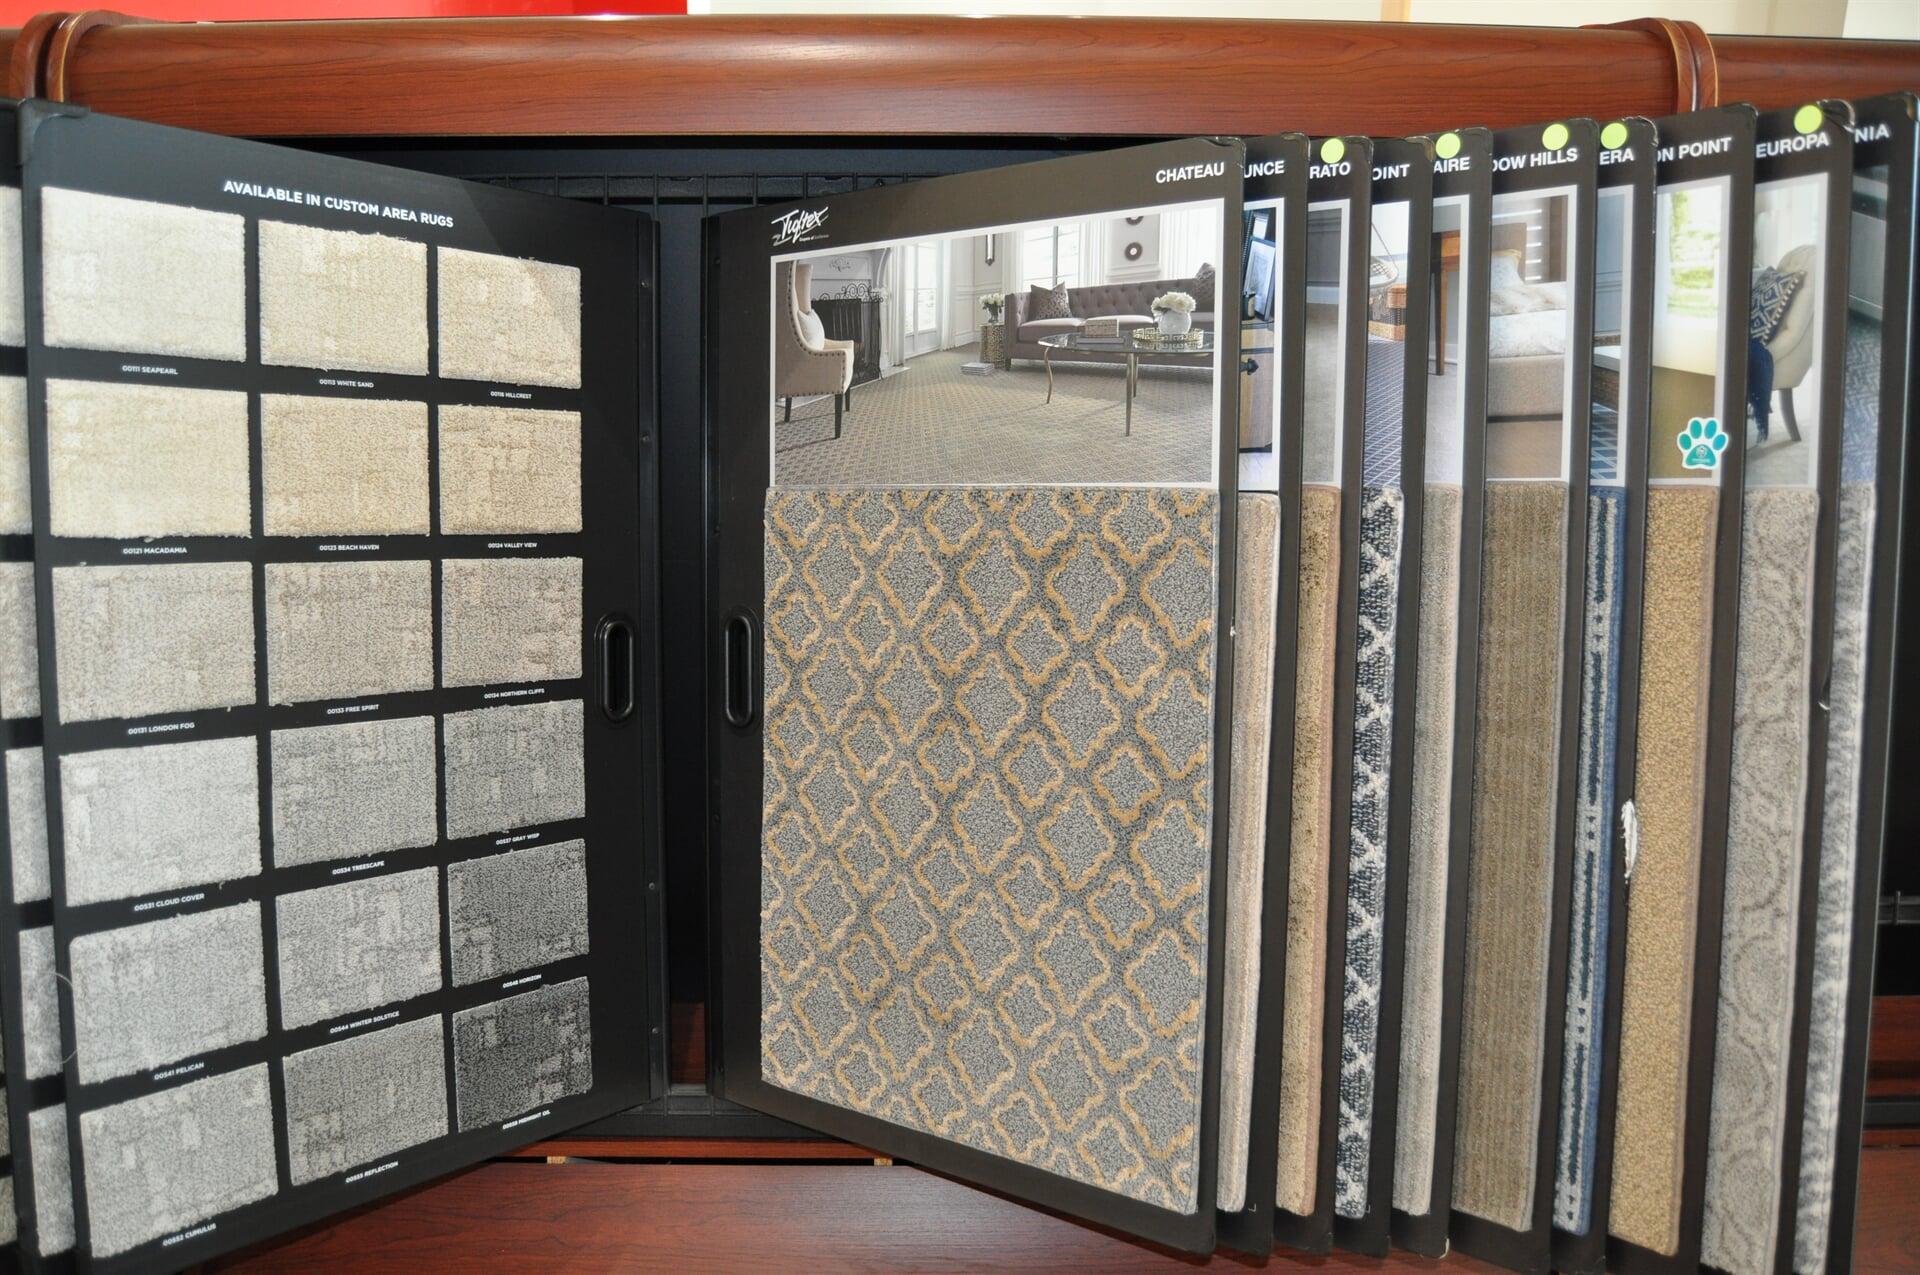 Tuftex carpet for your Nashville, TN home from Beckler's Flooring Center